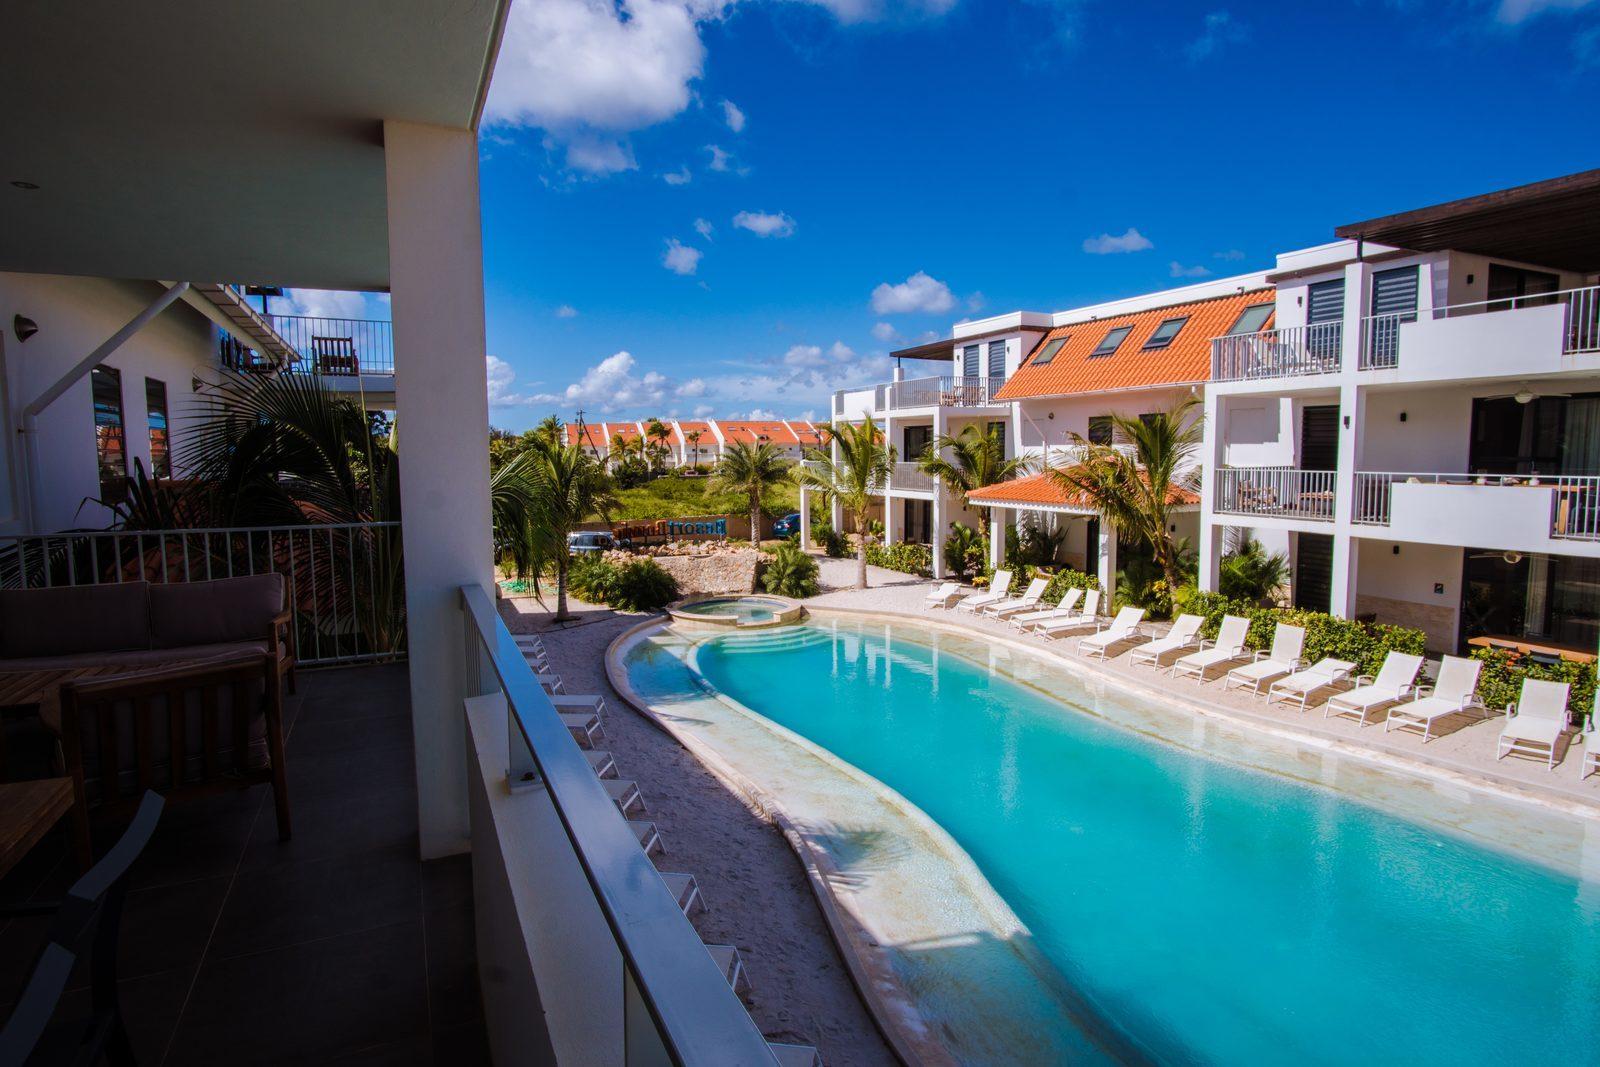 Jede der Ferienwohnungen im Resort Bonaire verfügt über eine Terrasse, von der aus Sie den Swimmingpool überblicken können.